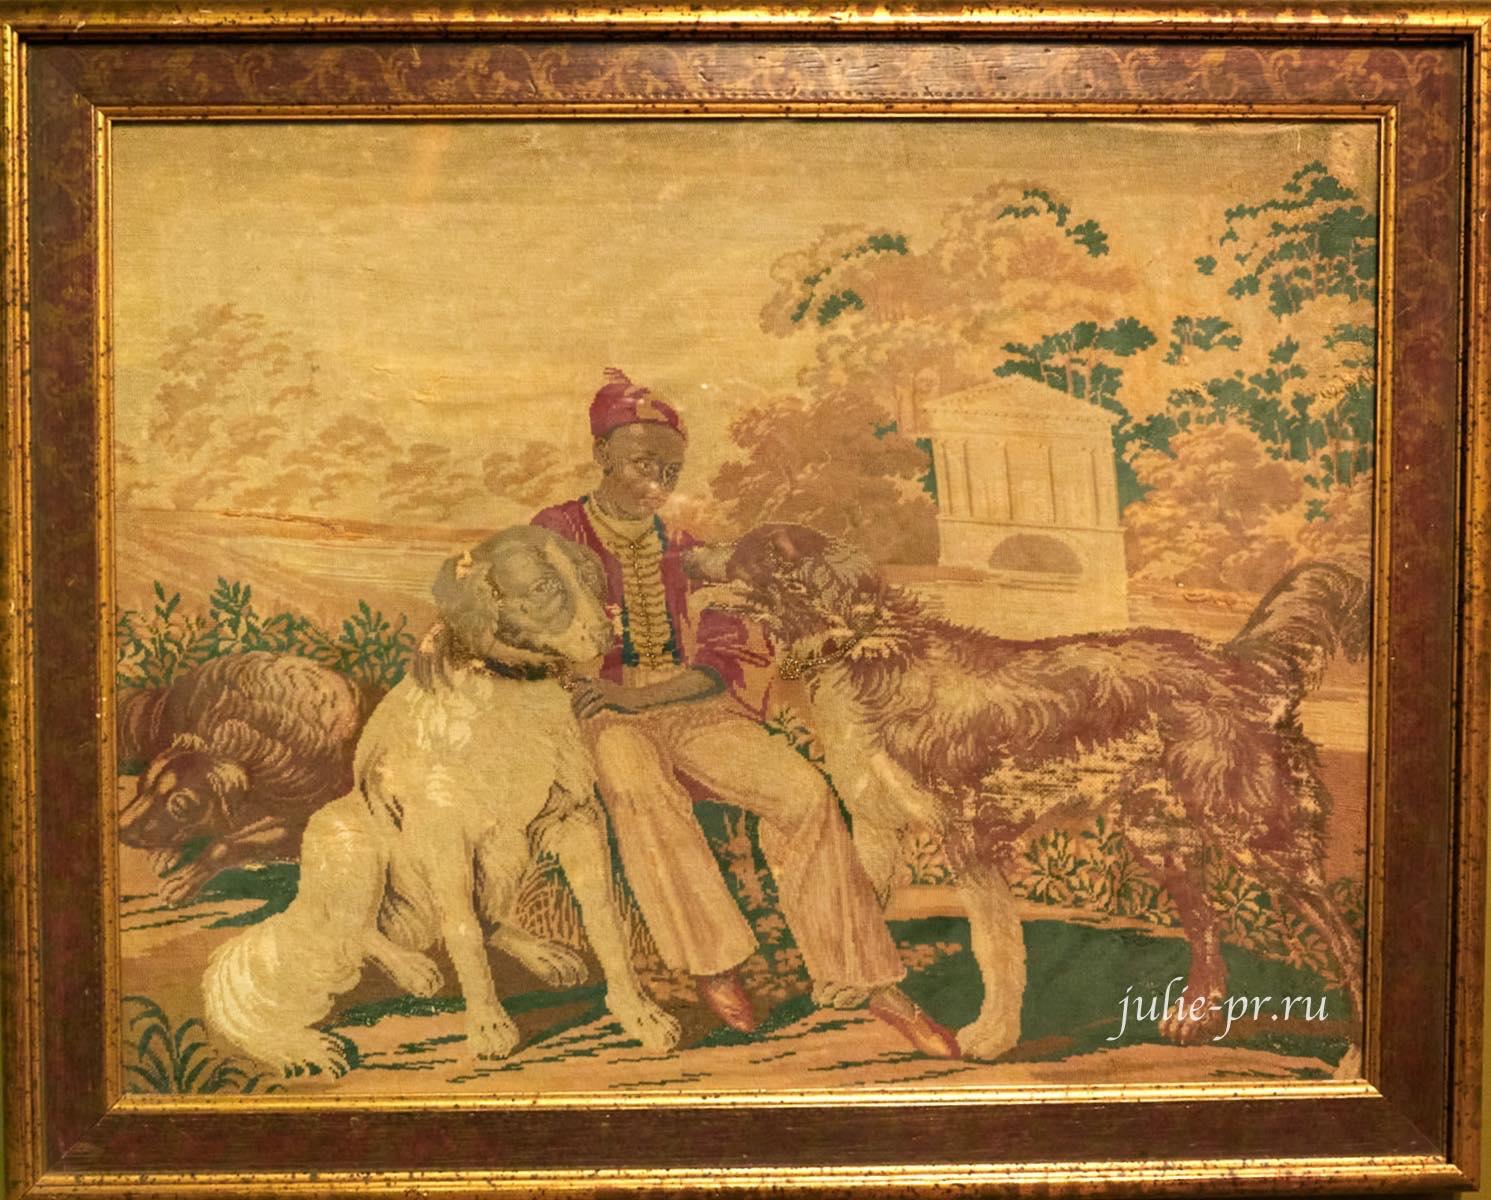 Арапчонок с двумя собаками, 1830-е годы, вышивка гарусом по канве, выставка Старинные вышивки